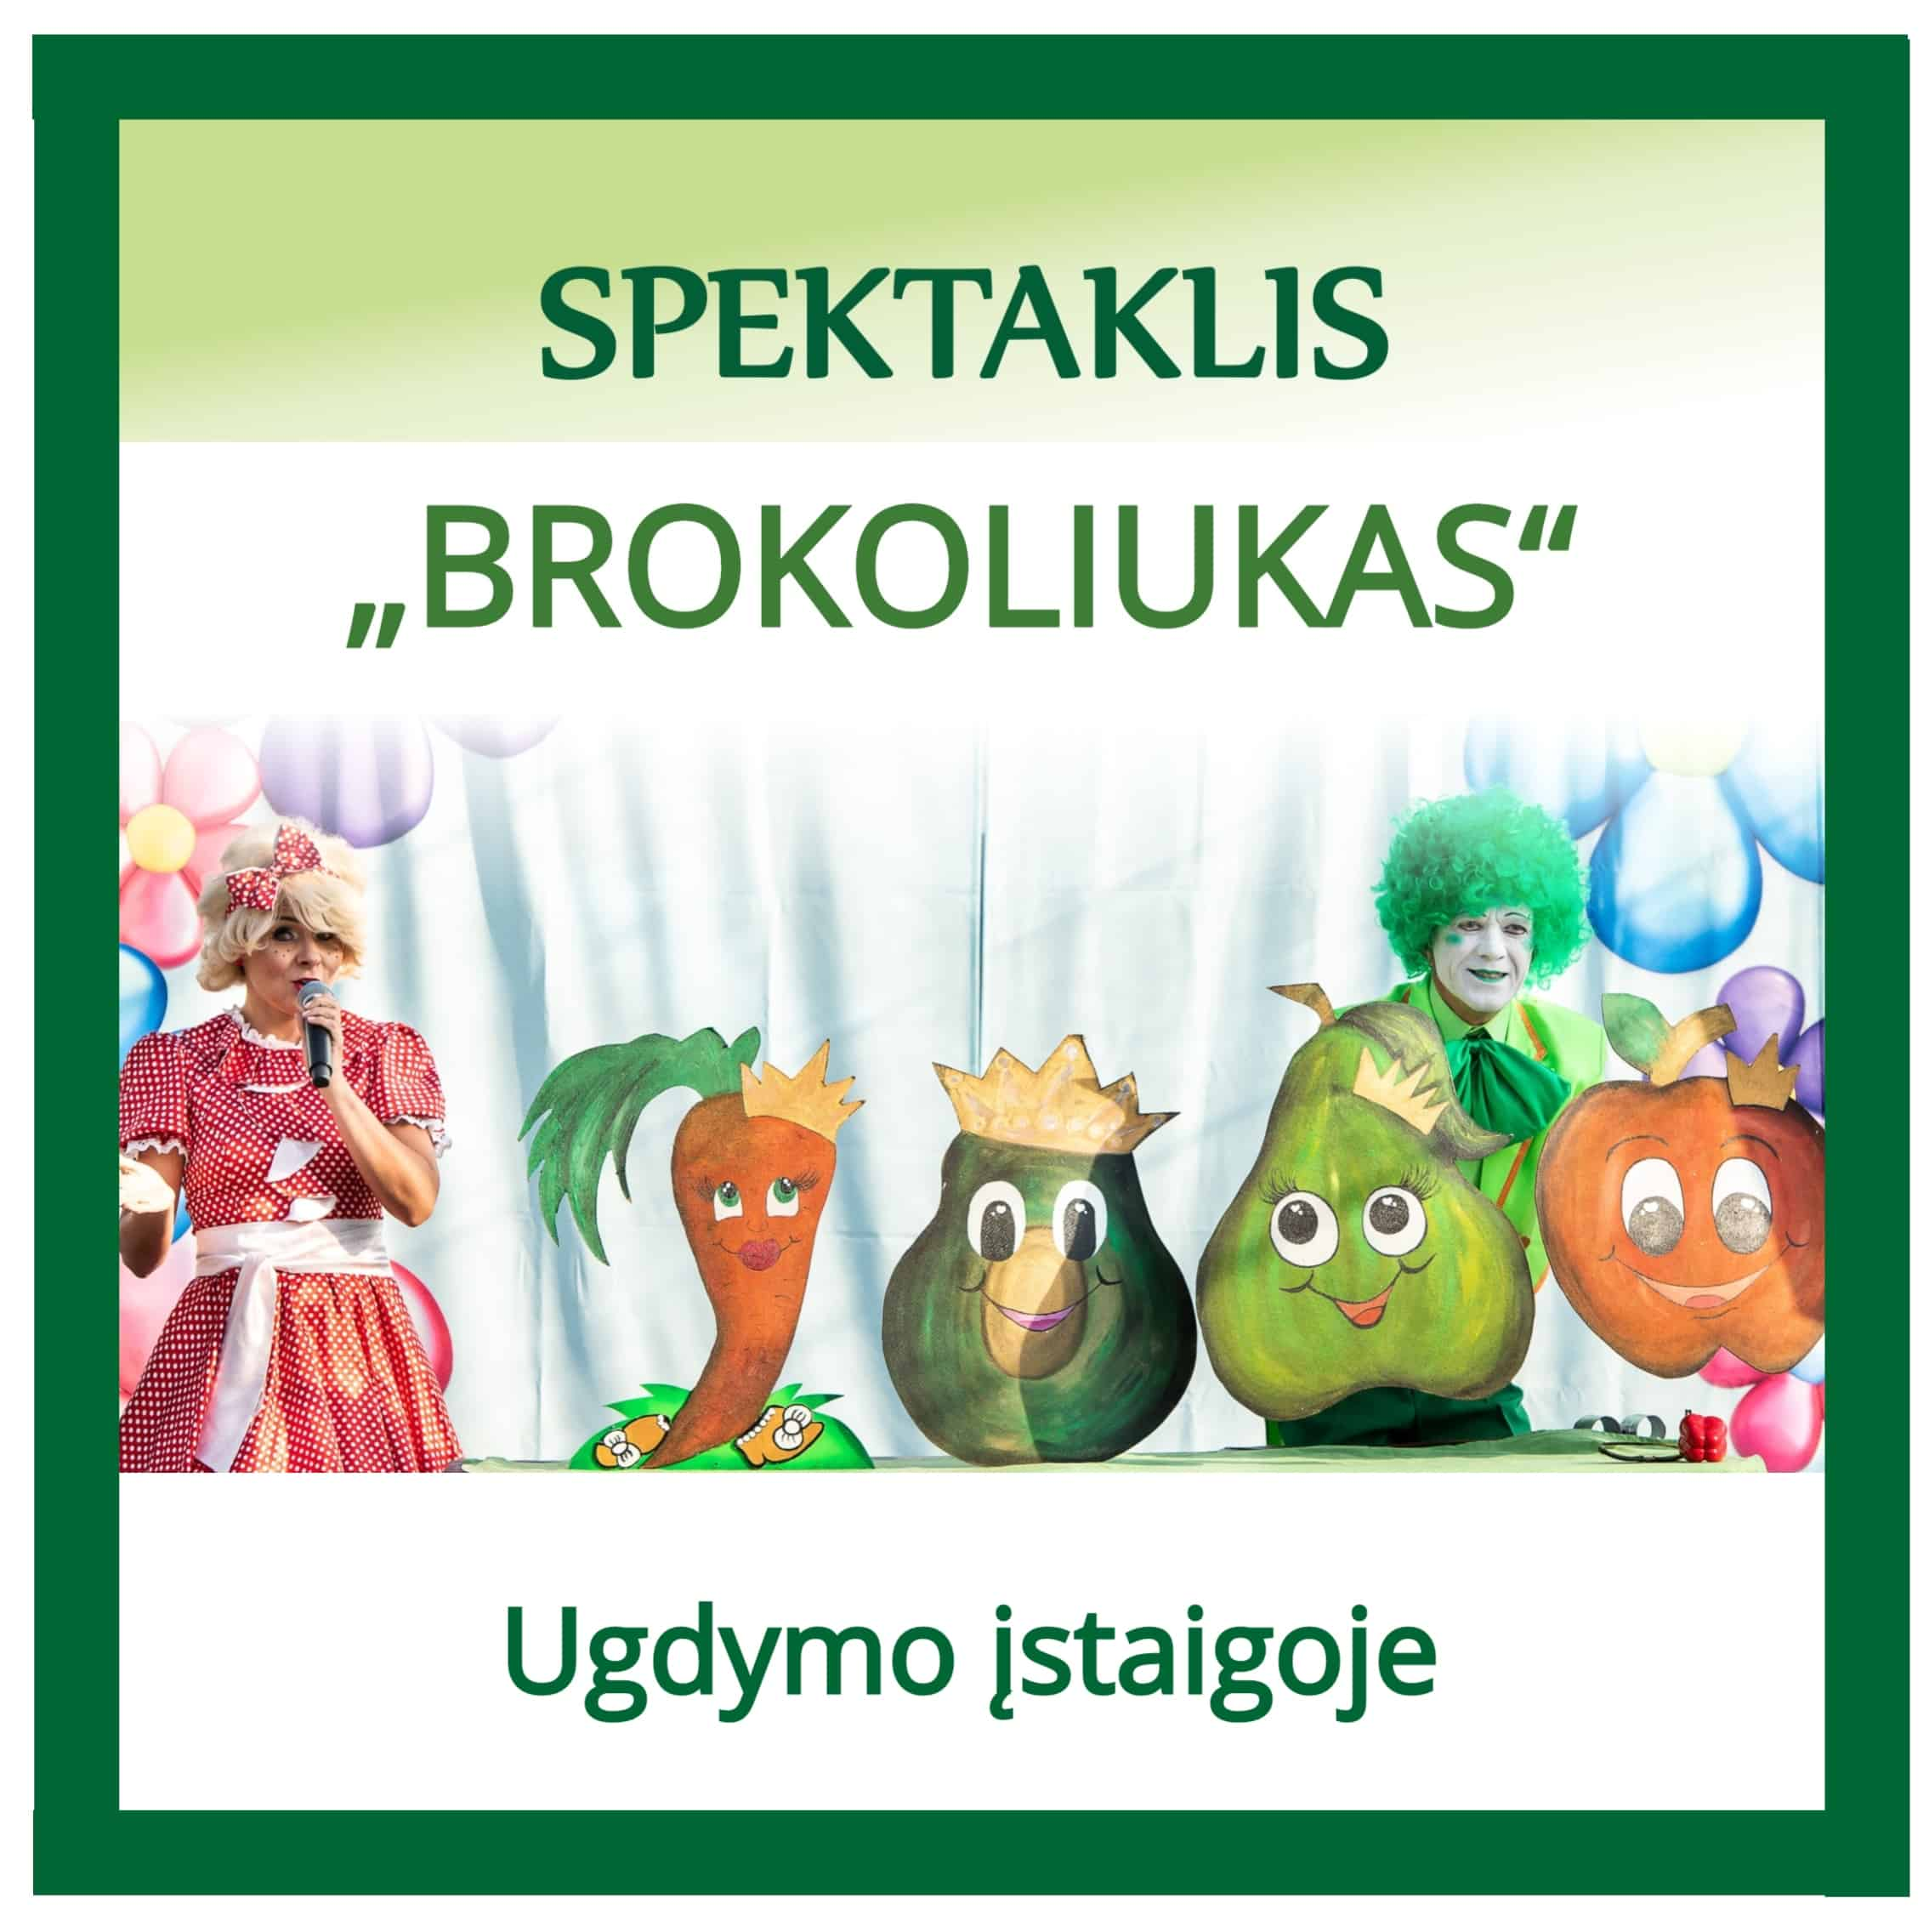 Spektaklis Brokoliukas